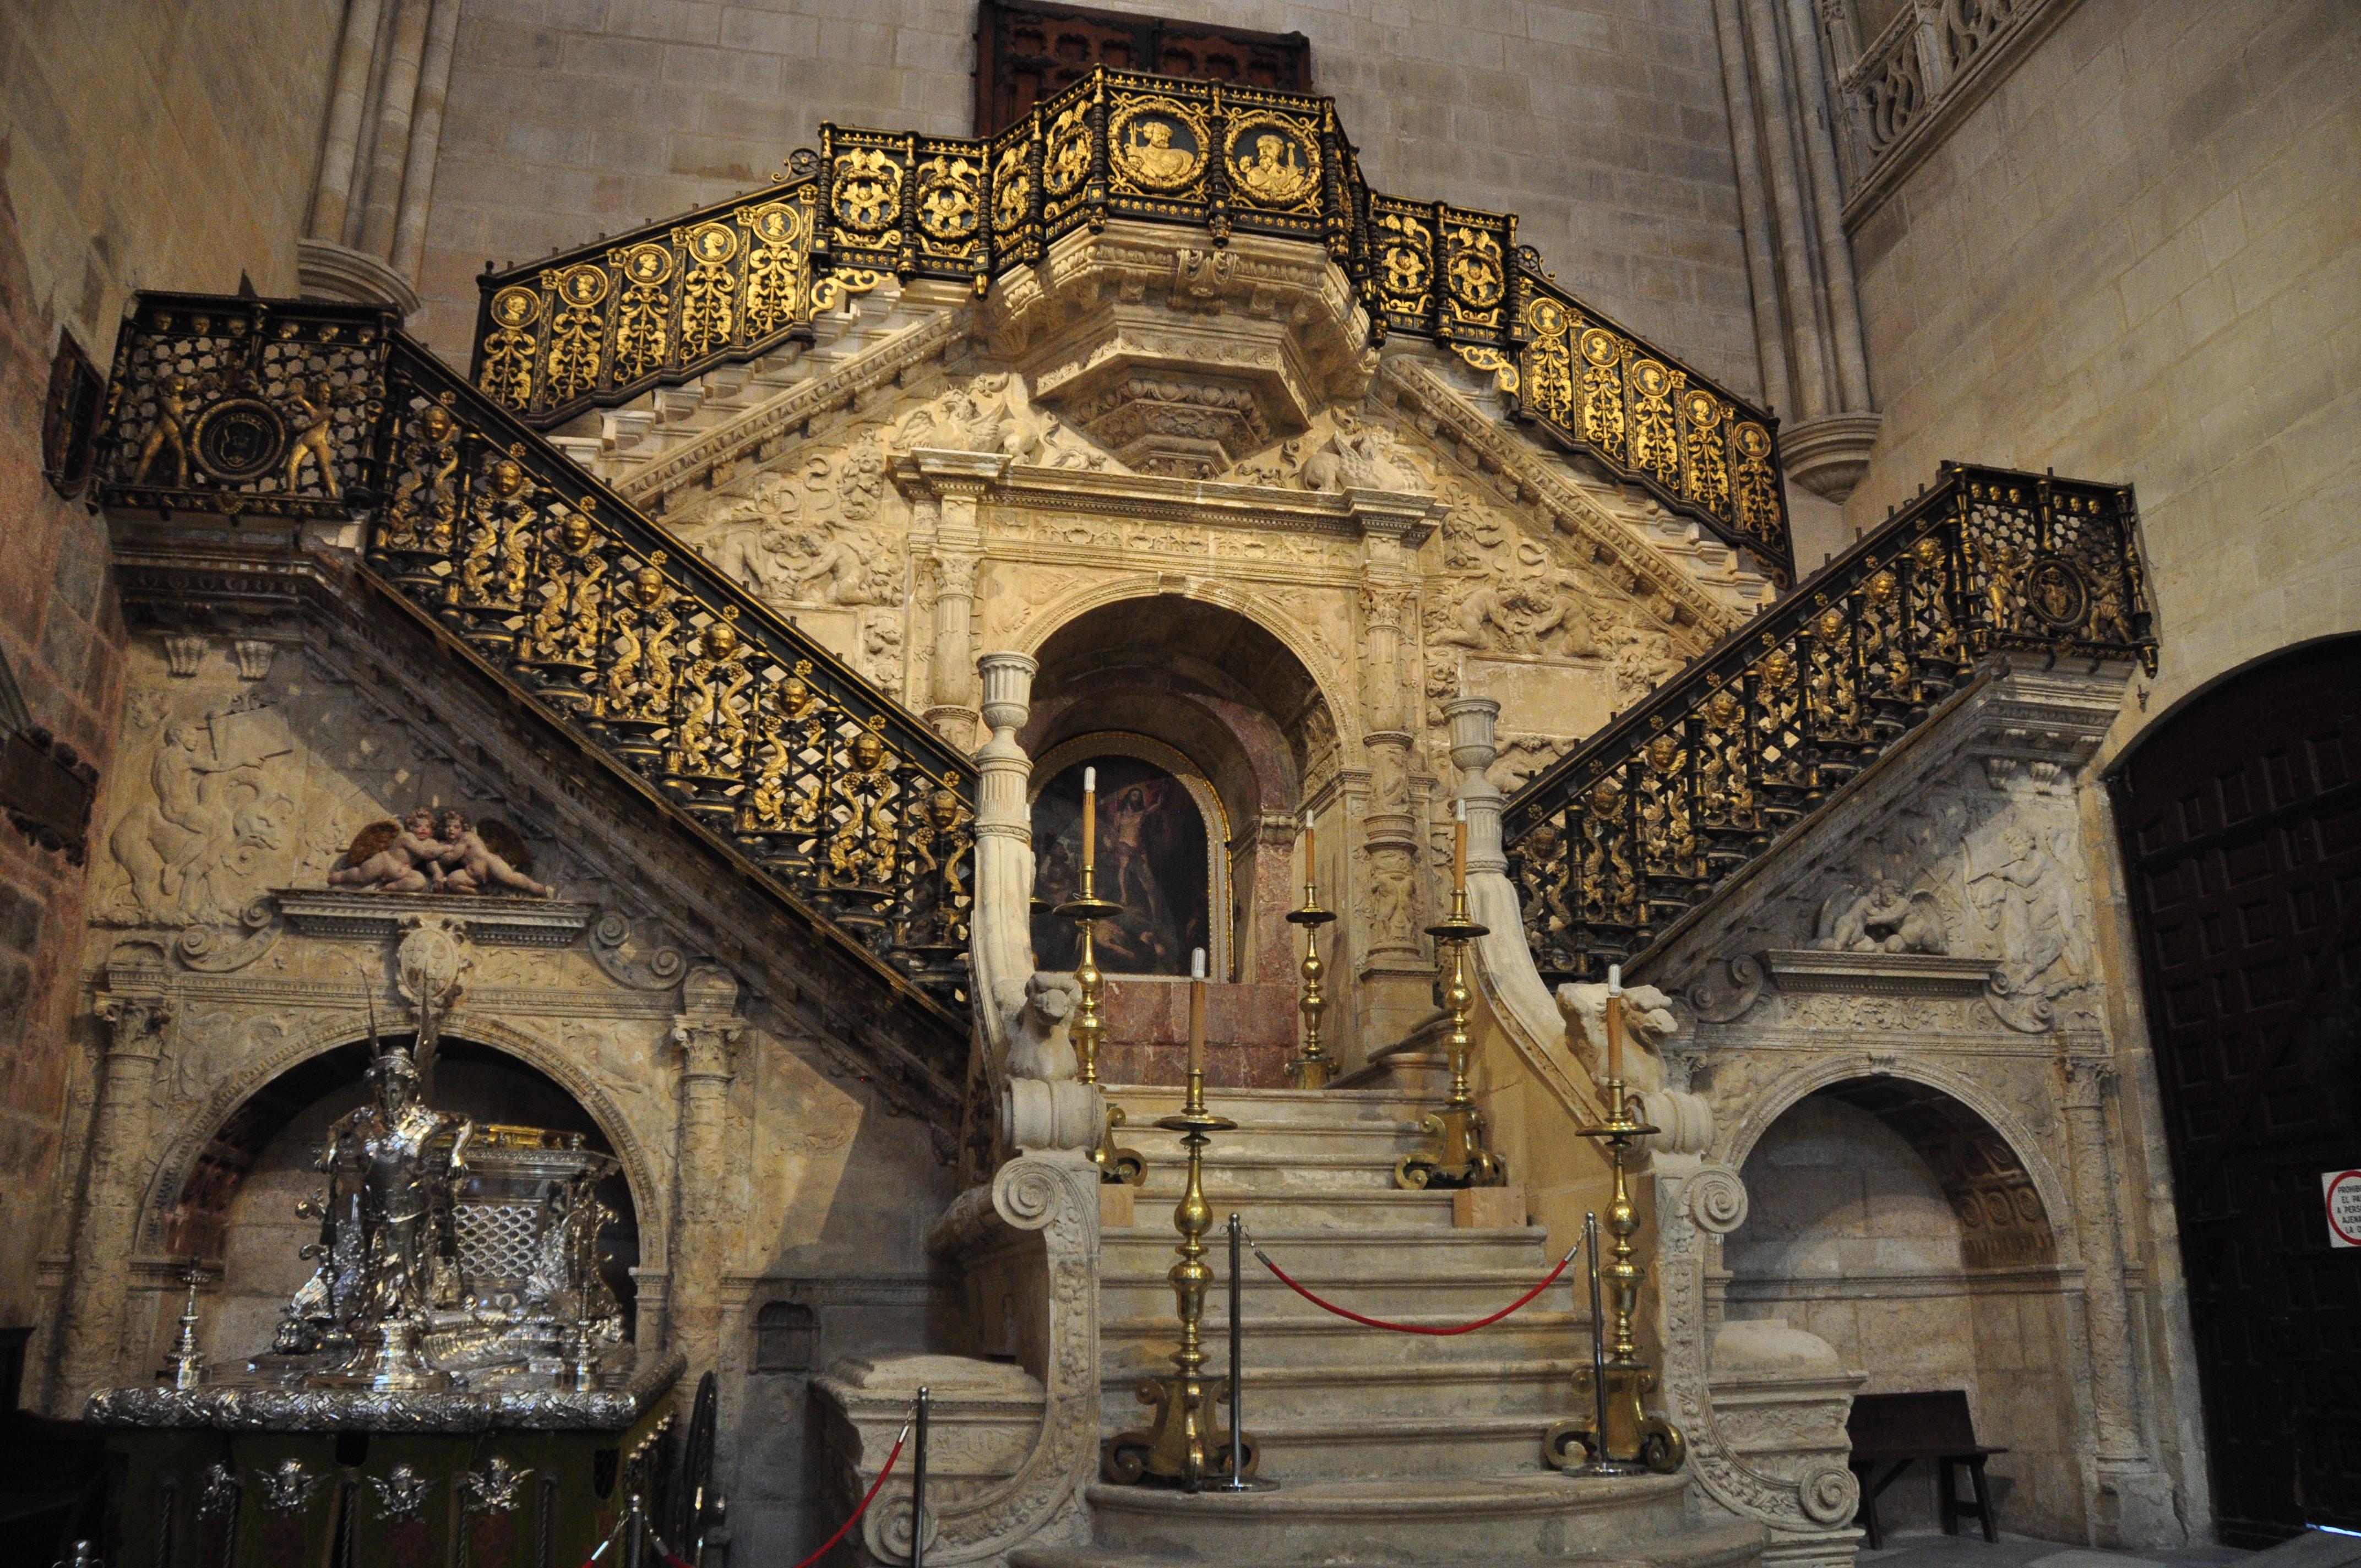 Opiniones de alto renacimiento espanol Cuantas materias tiene arquitectura